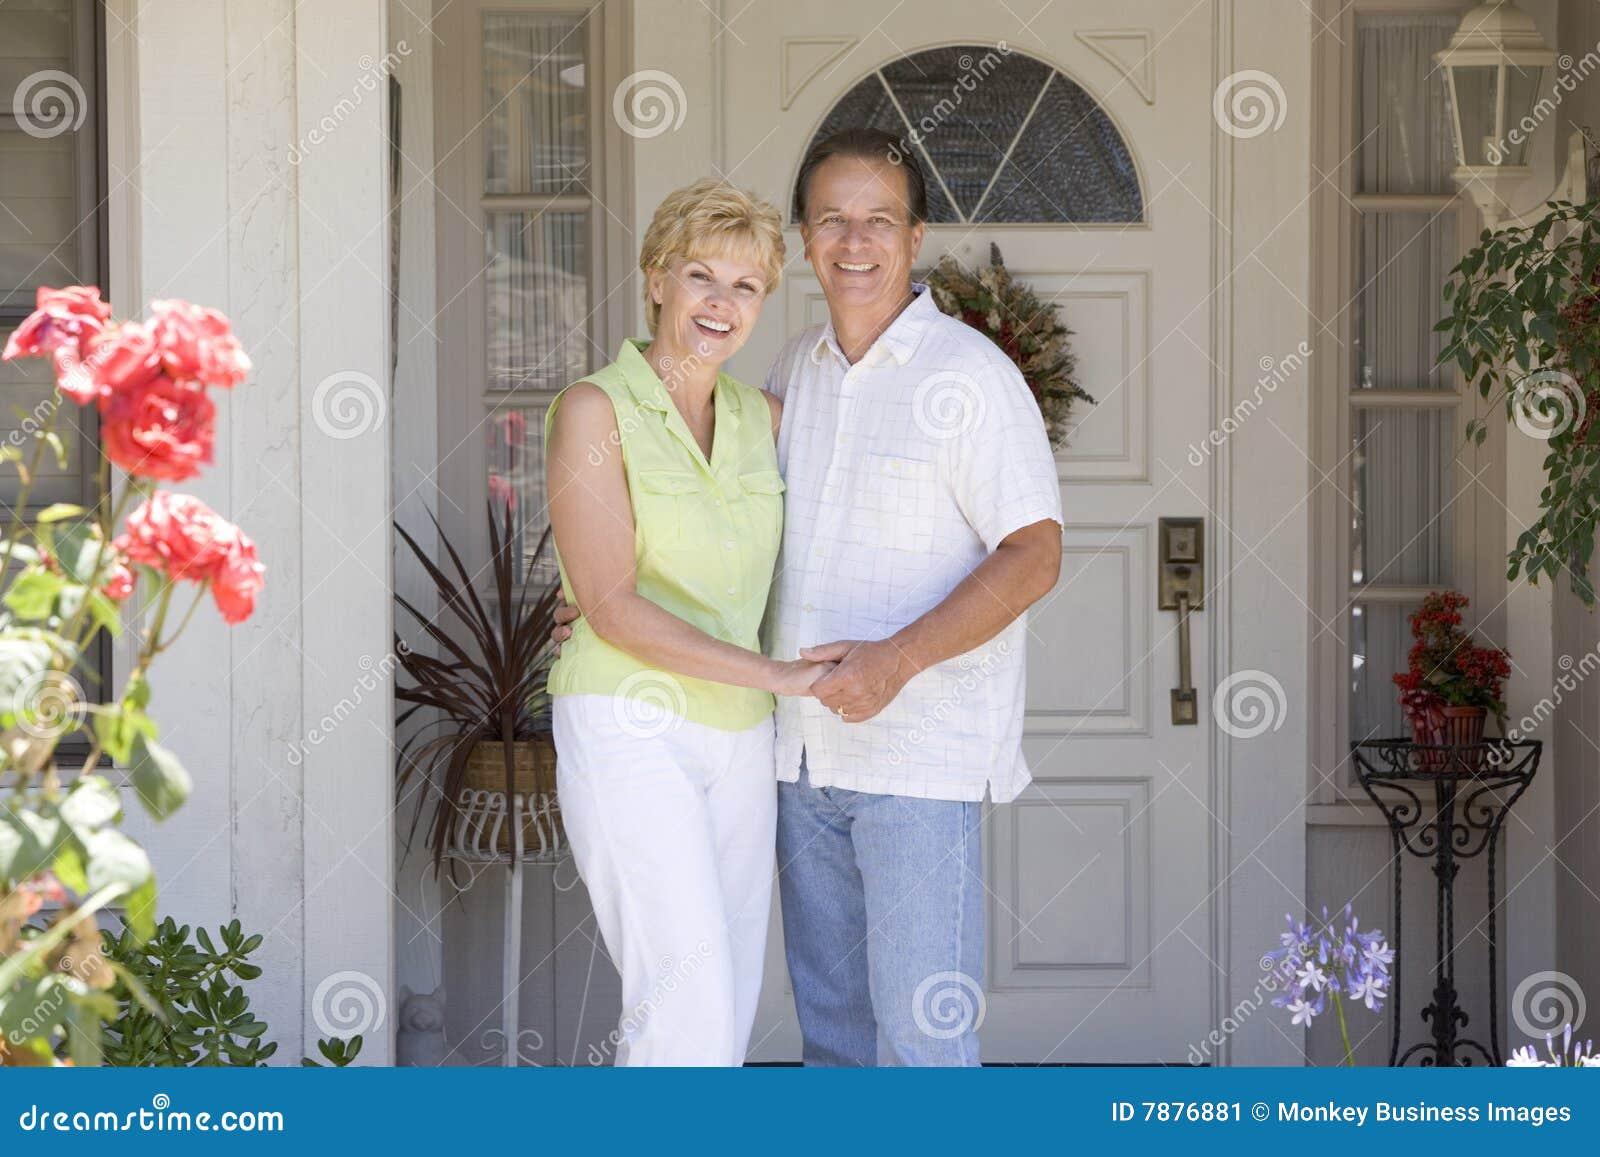 Семейная женщина дома фото 10 фотография